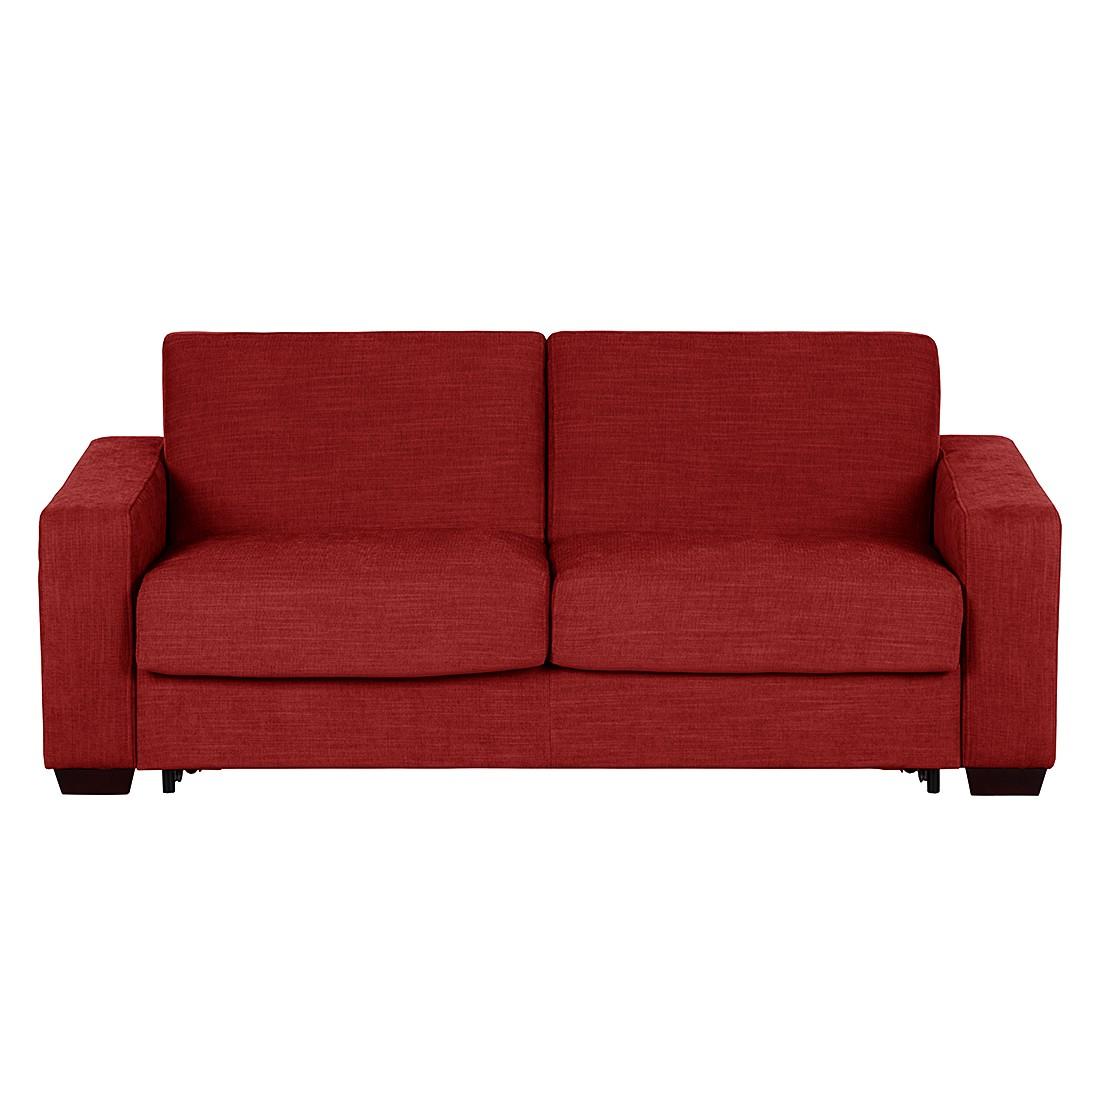 Schlafsofa Lindos – Webstoff – Rot, Modoform jetzt bestellen